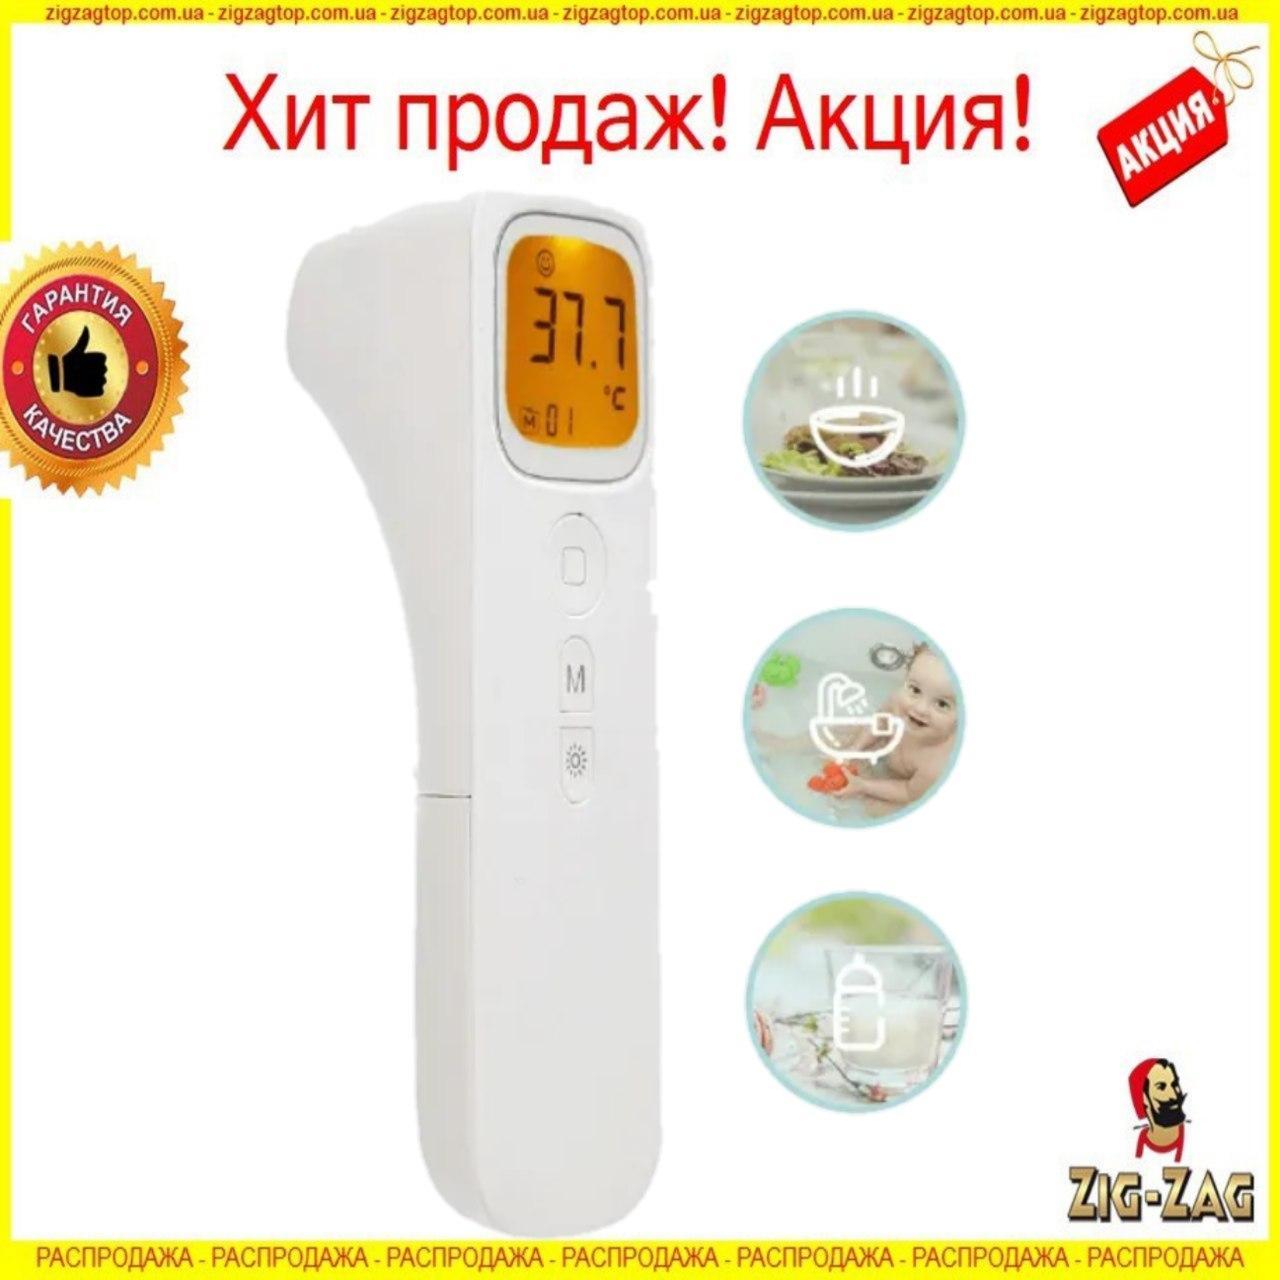 Бесконтактный Инфракрасный Термометр Shun Da Градусник для детей Электроный Лазерный Детский от батареек